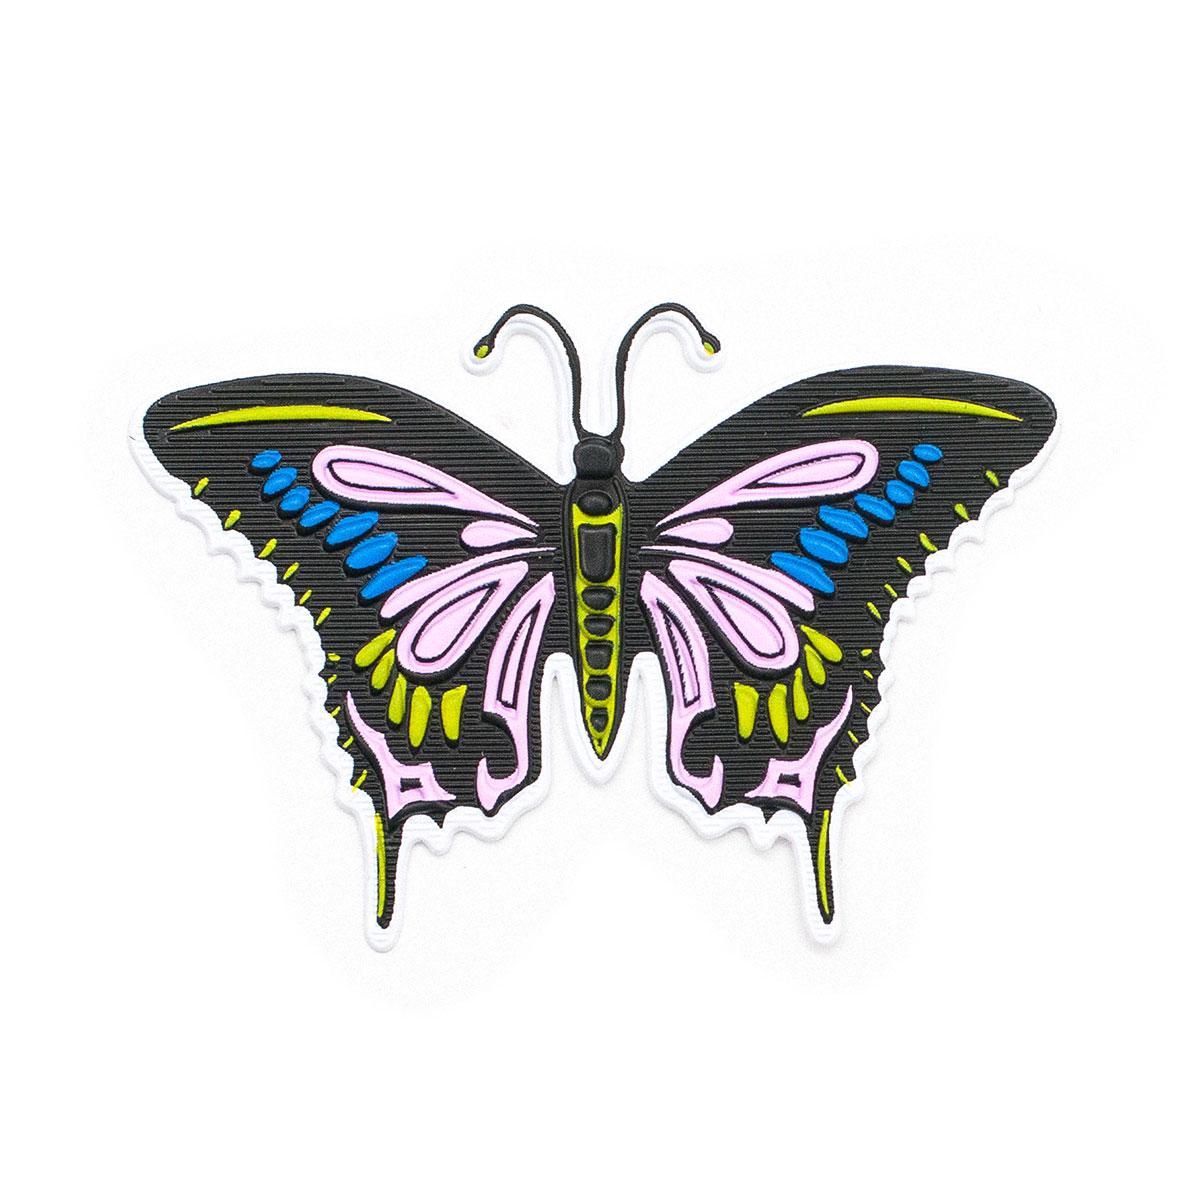 ГСФ1519 Термоаппликация Бабочка 63*43мм, черно-розовый